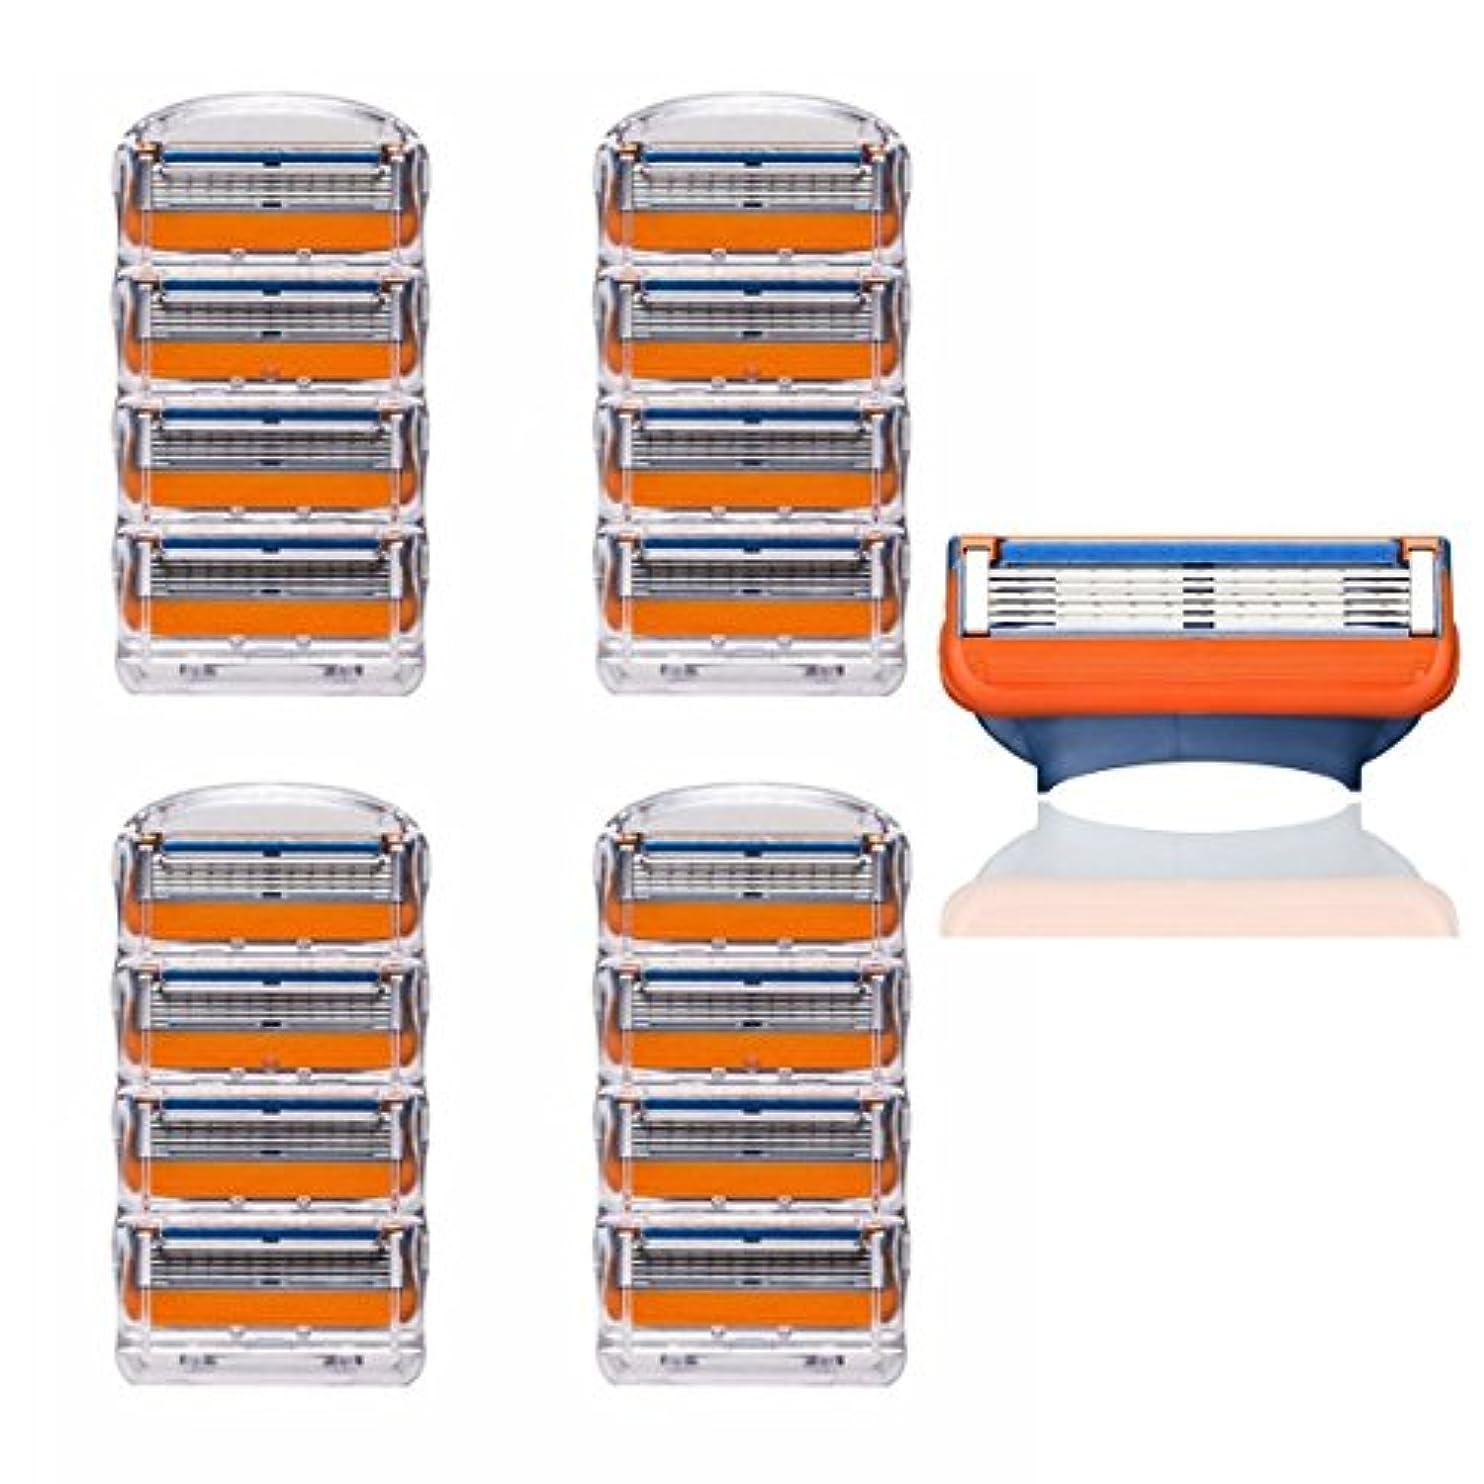 印刷する防ぐ宮殿KISENG 16枚 5刃シェーバーヘッド 交換用 シェービングカミソリ ジレットに適用